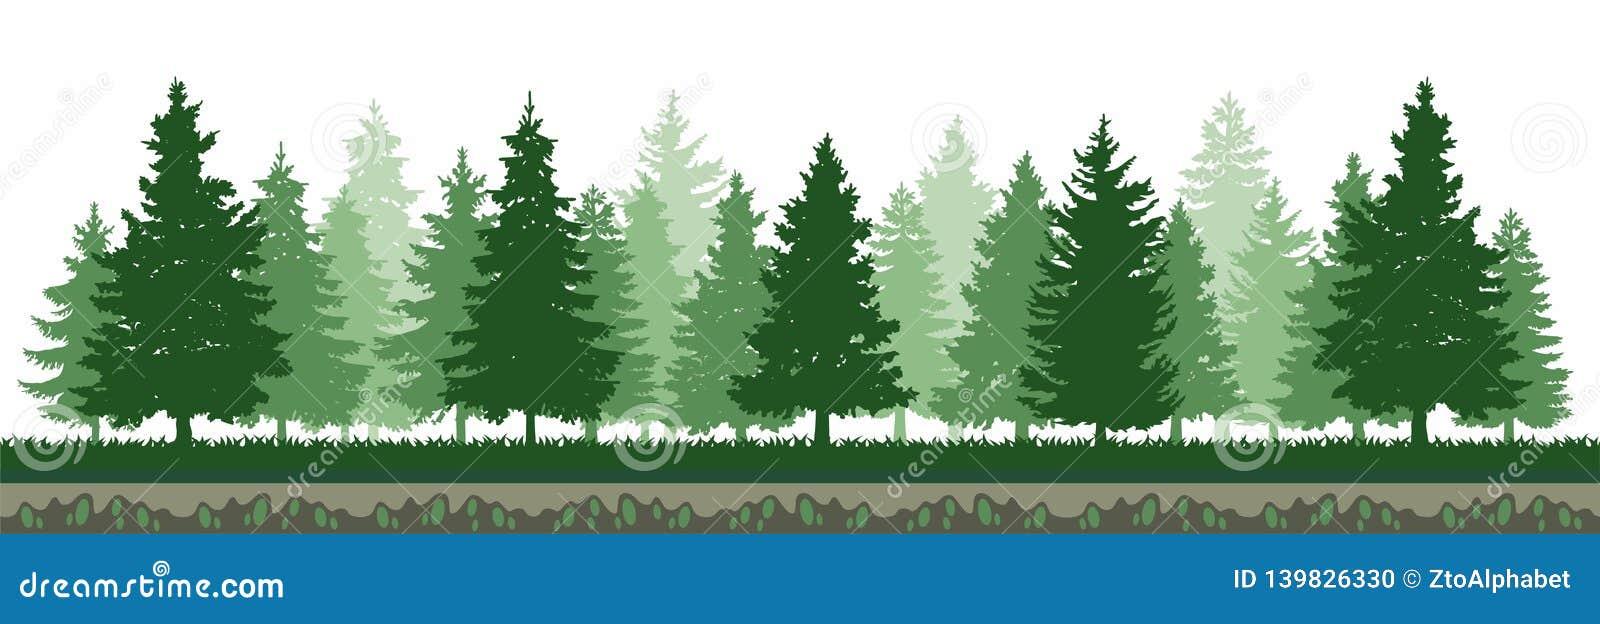 Zielony sosna lasu środowisko